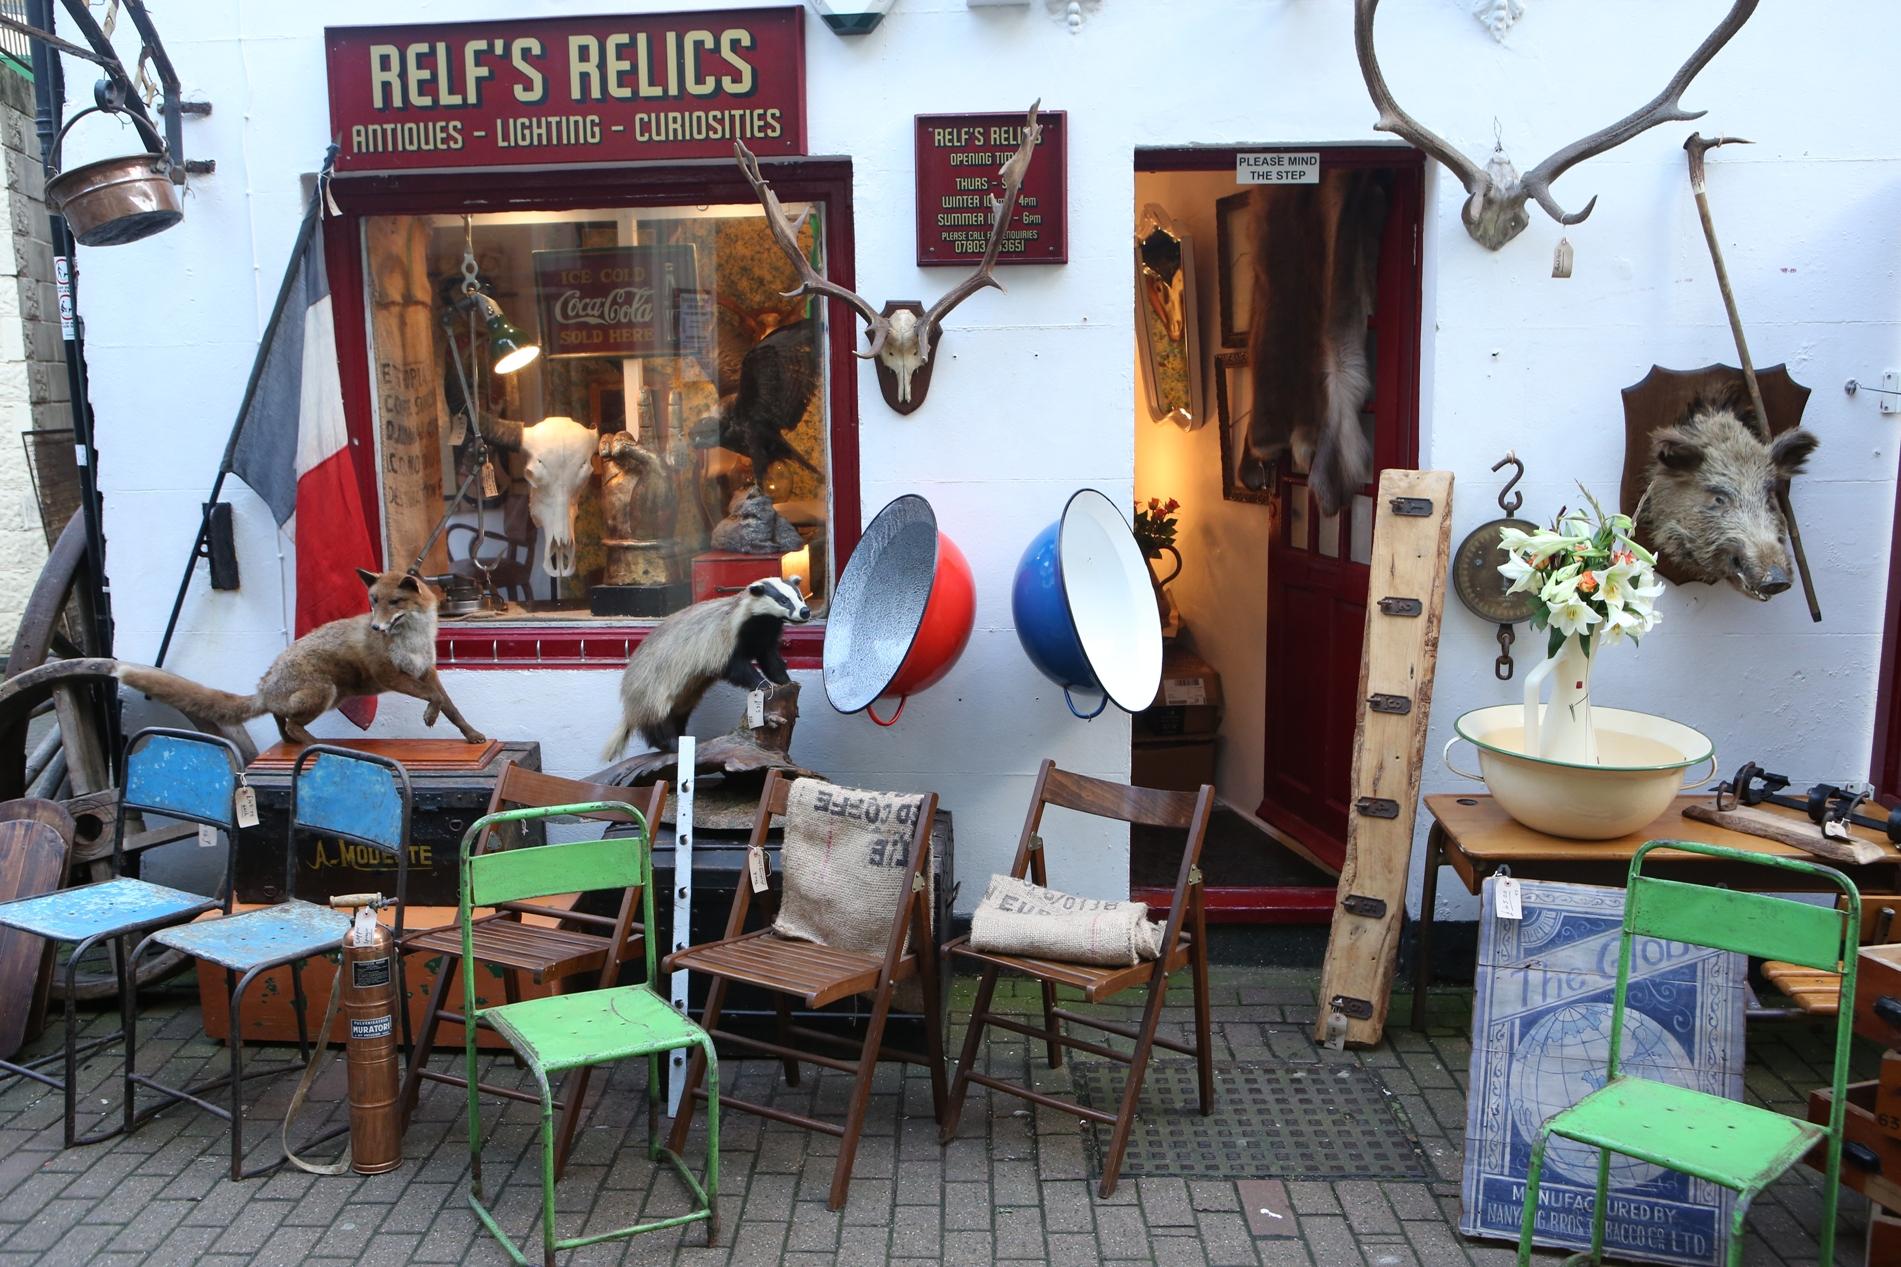 Relf's Relics1